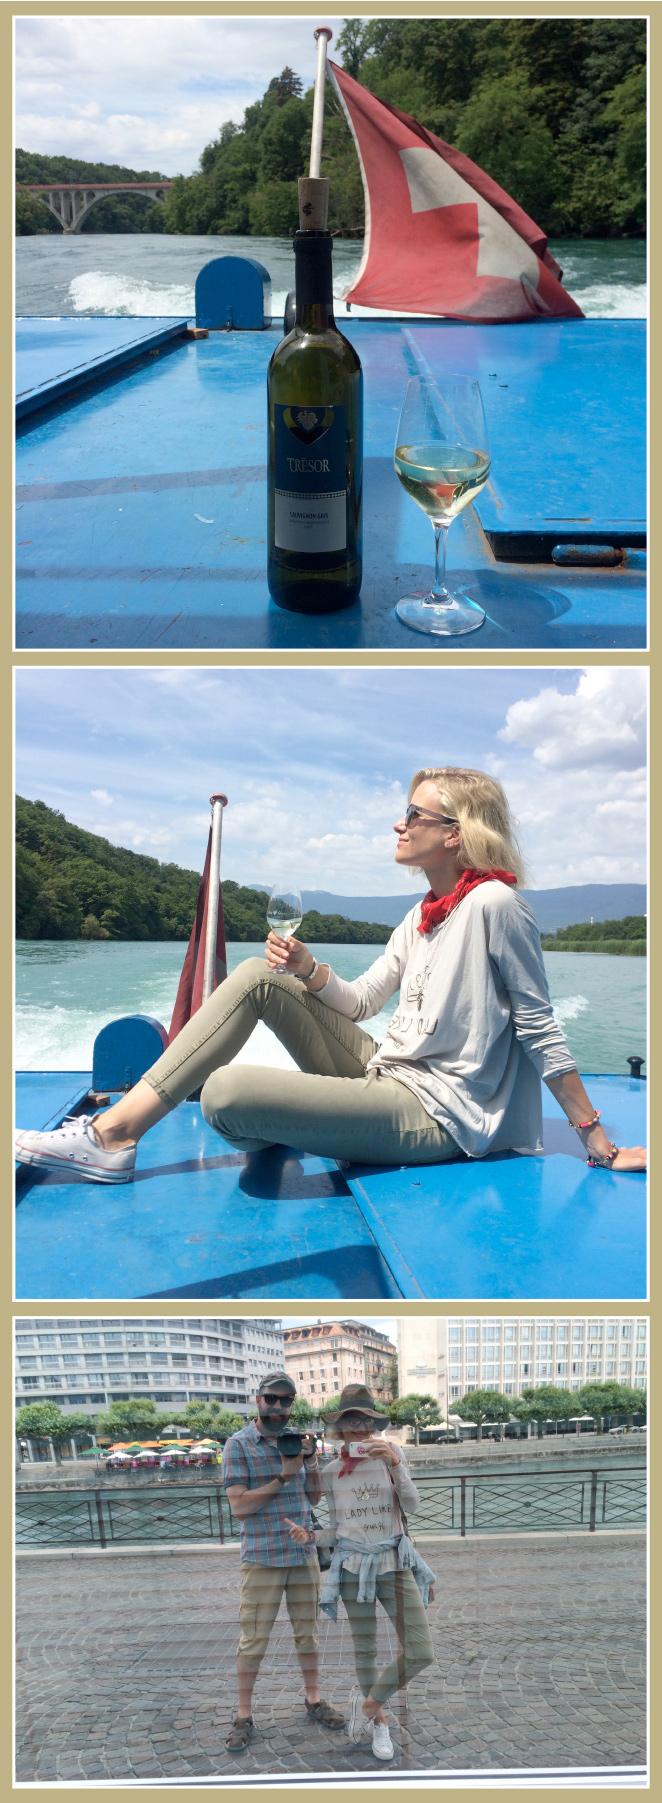 Después de este plan de campo bicicletero, la manera más relajante de volver al centro de la ciudad es en barco mientras disfrutas de una cata de vino suizos.